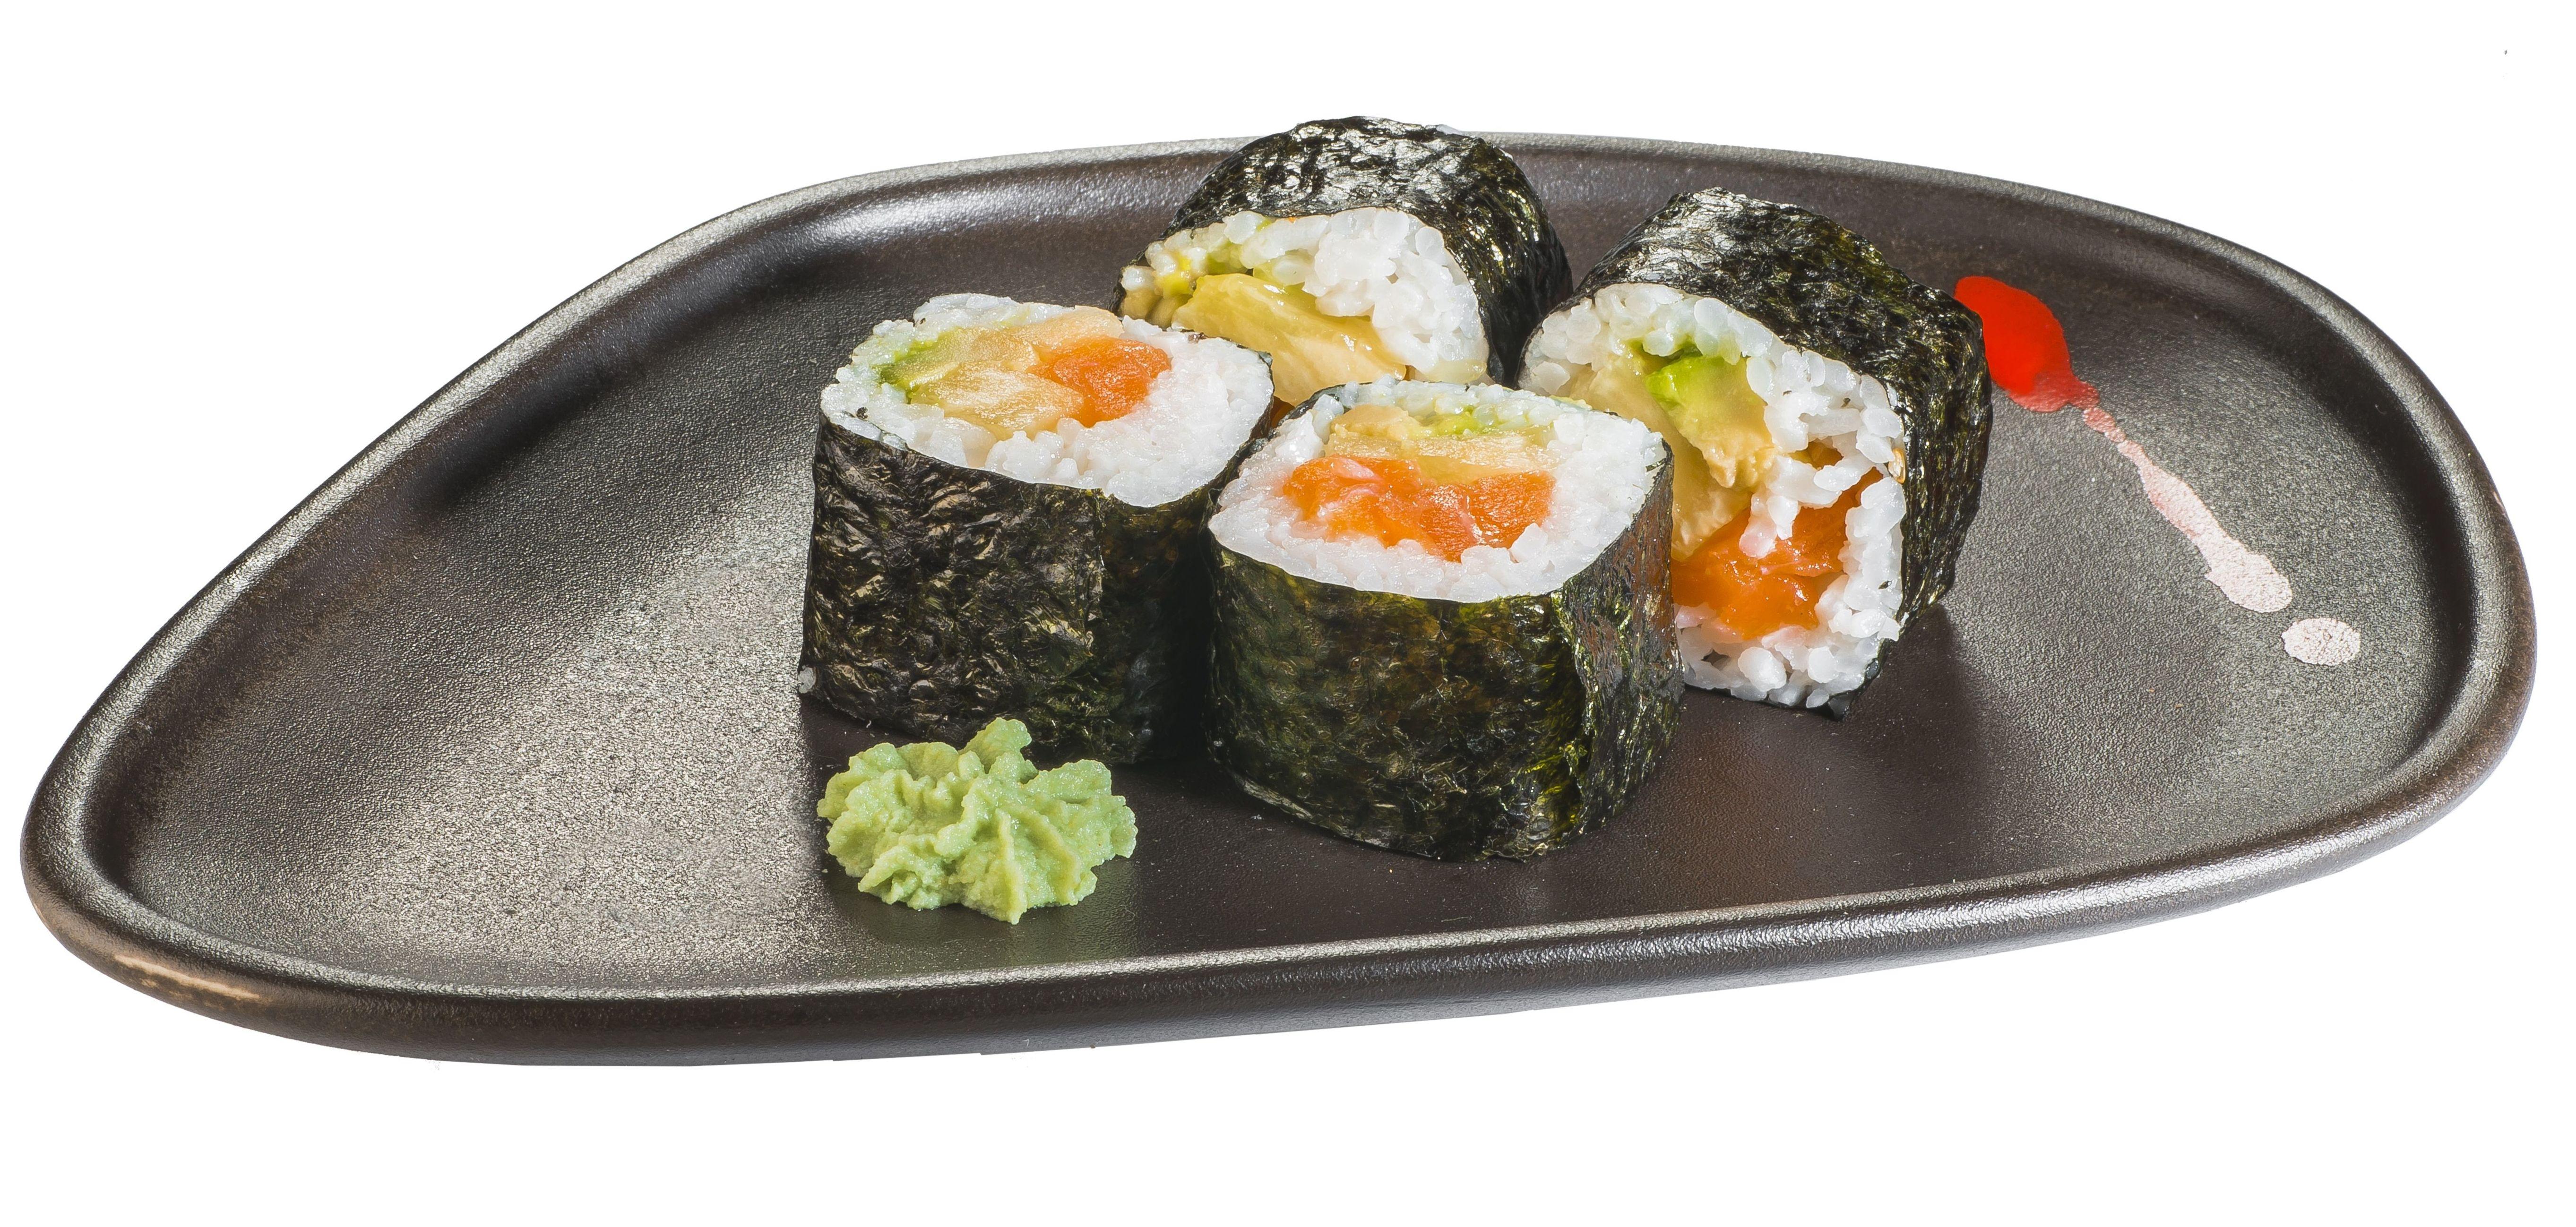 Fotomaki piña(8 ud) 6,50€: Carta de Restaurante Sowu